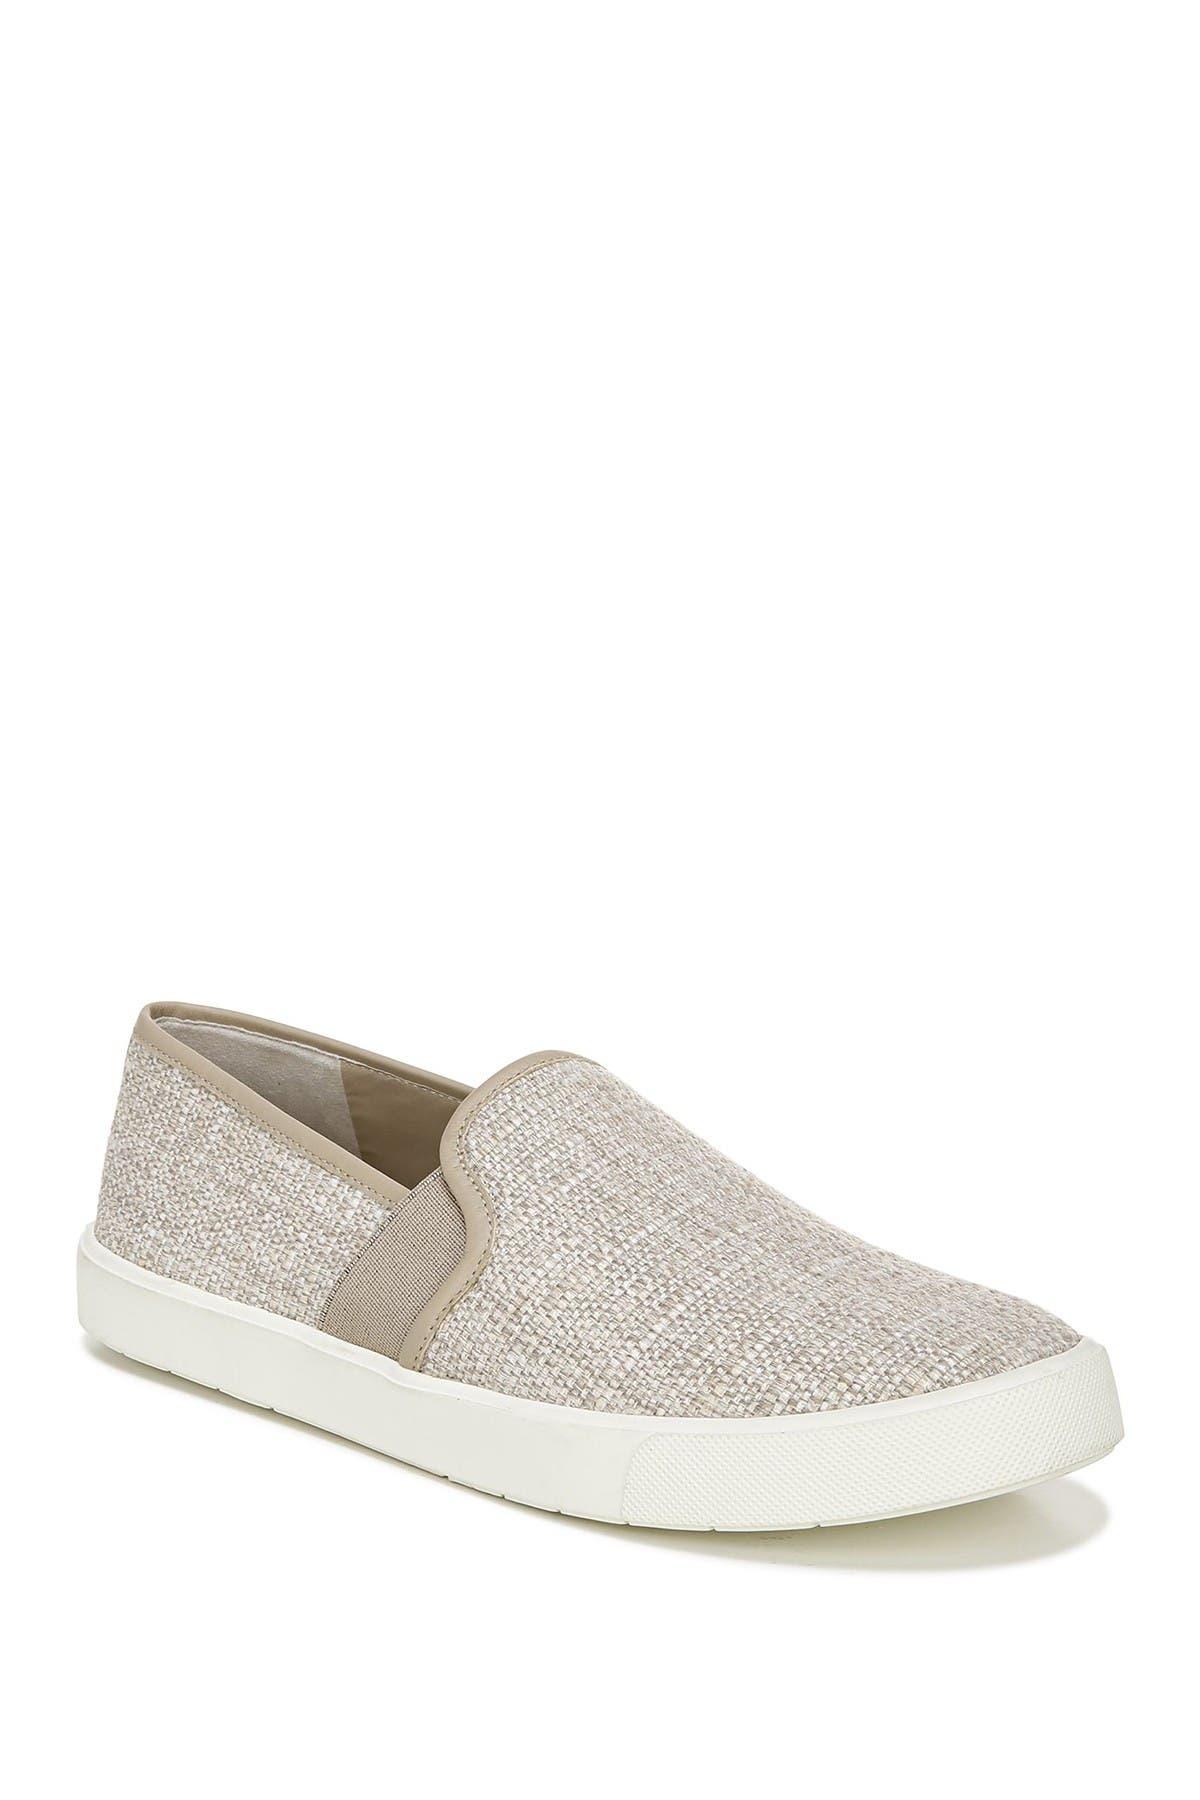 Vince | Preston Linen Slip-On Sneaker